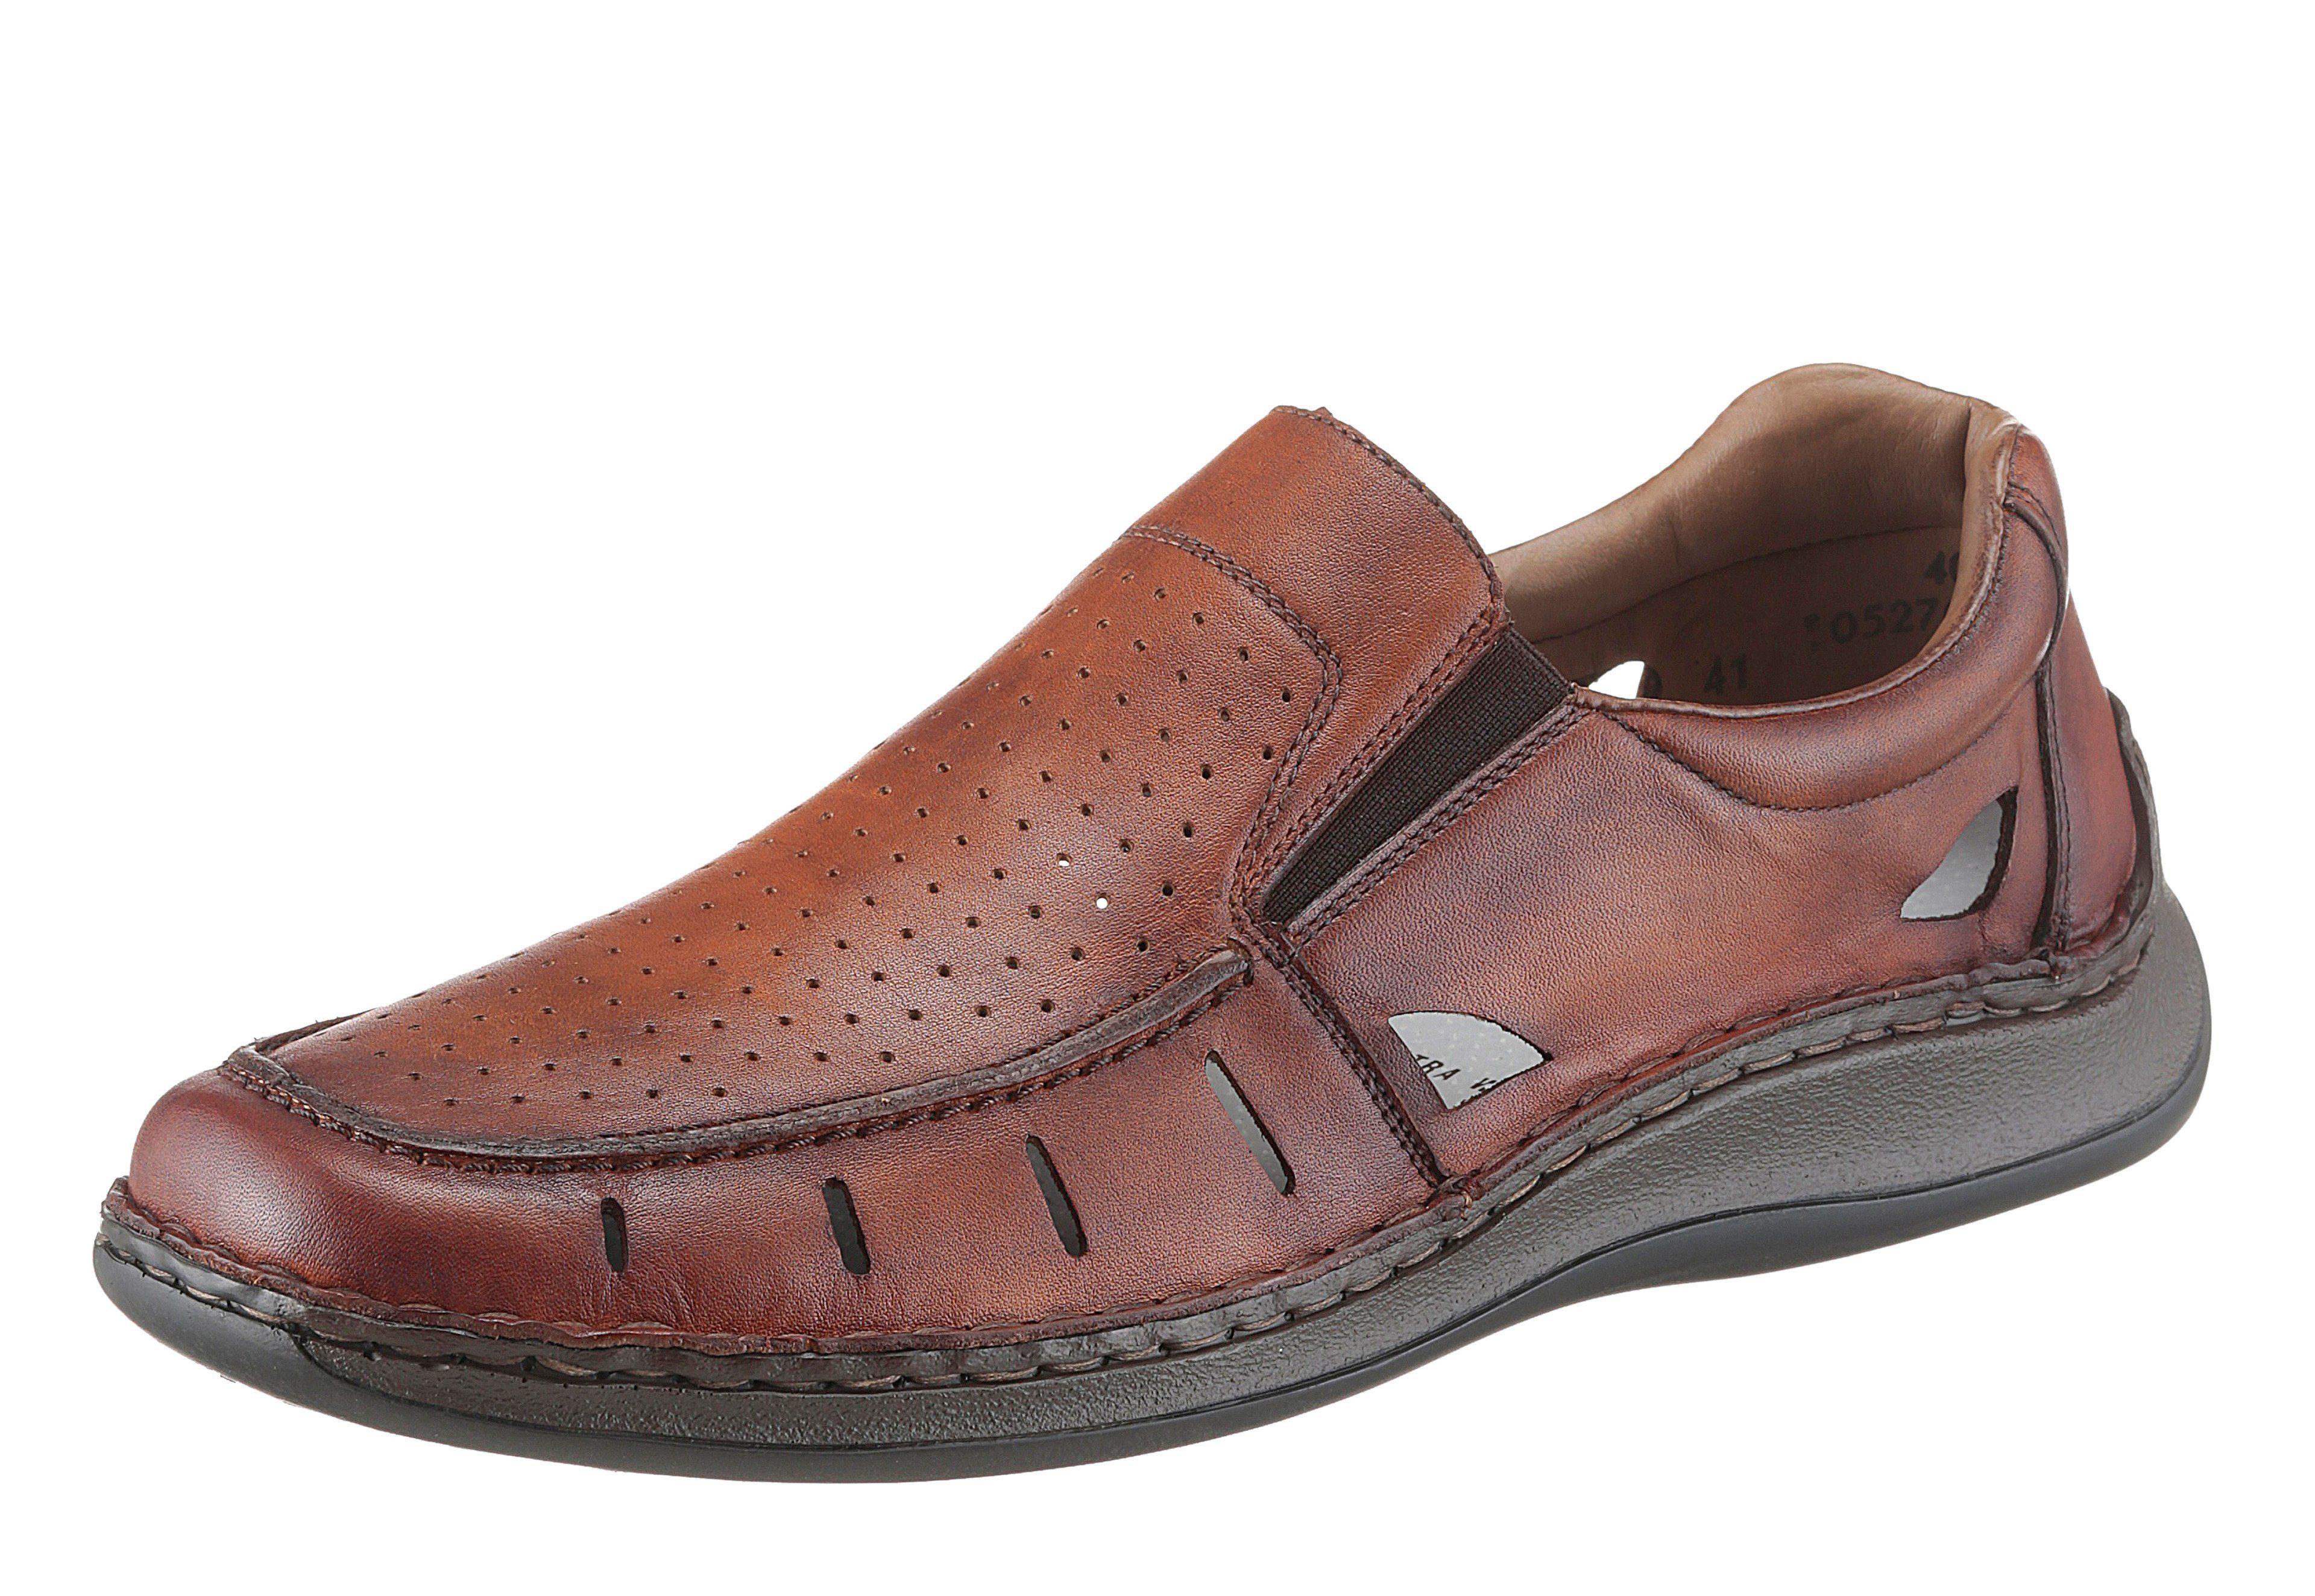 Sioux Cabaco Chaussures Brunes Avec L'entrée Pour Les Hommes FPkype